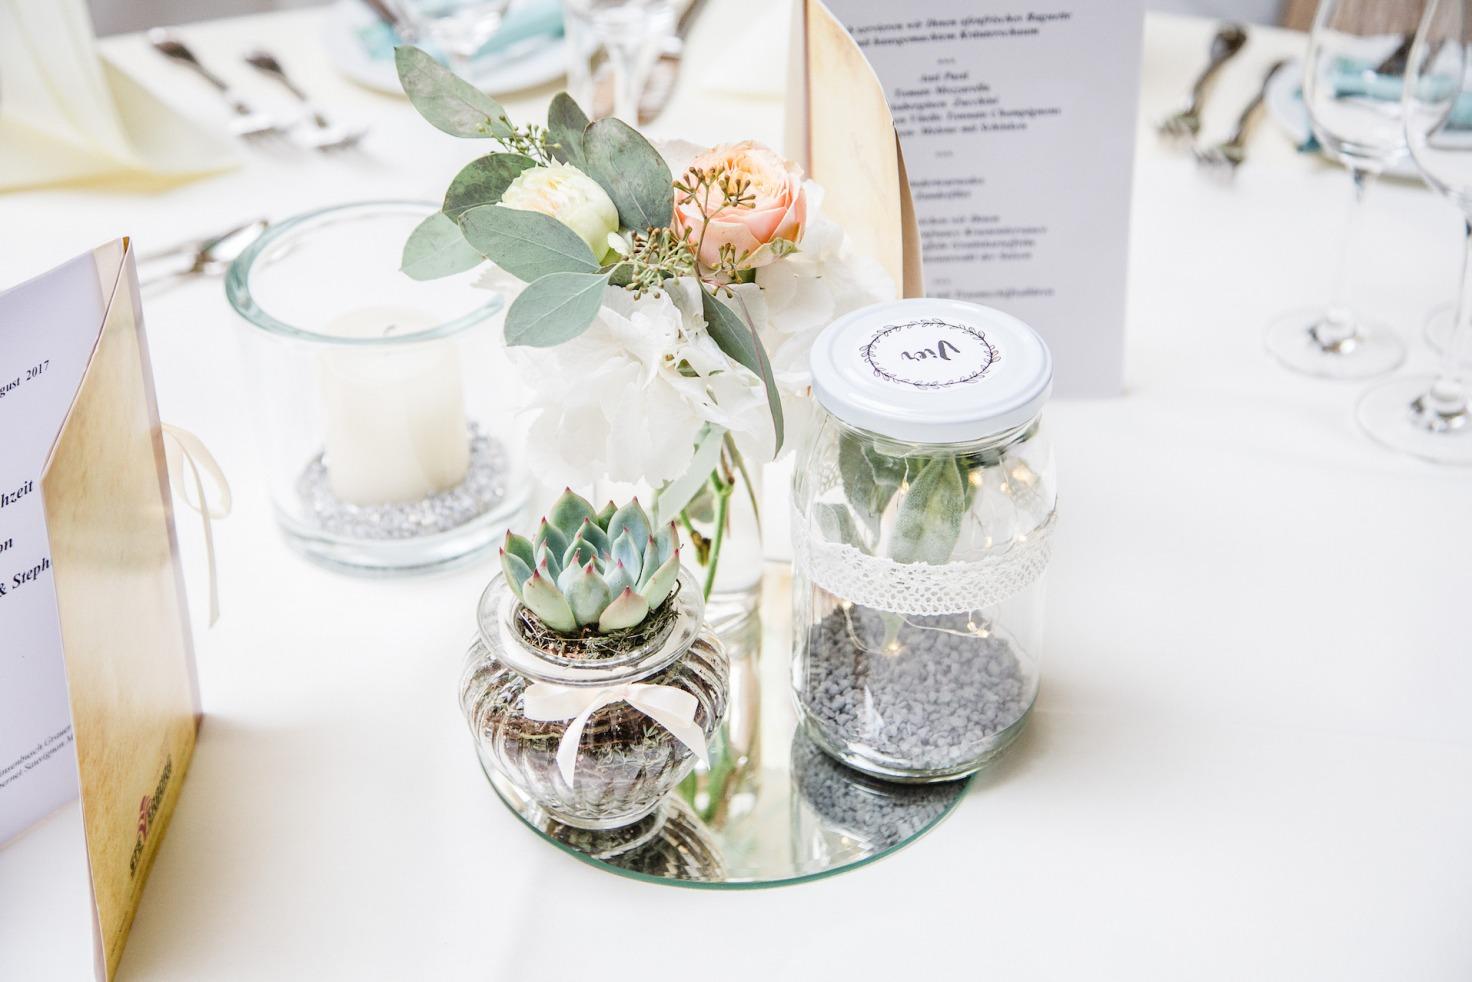 Hochzeit von Jennifer und Stefan in Münster: Blumen auf Spiegel